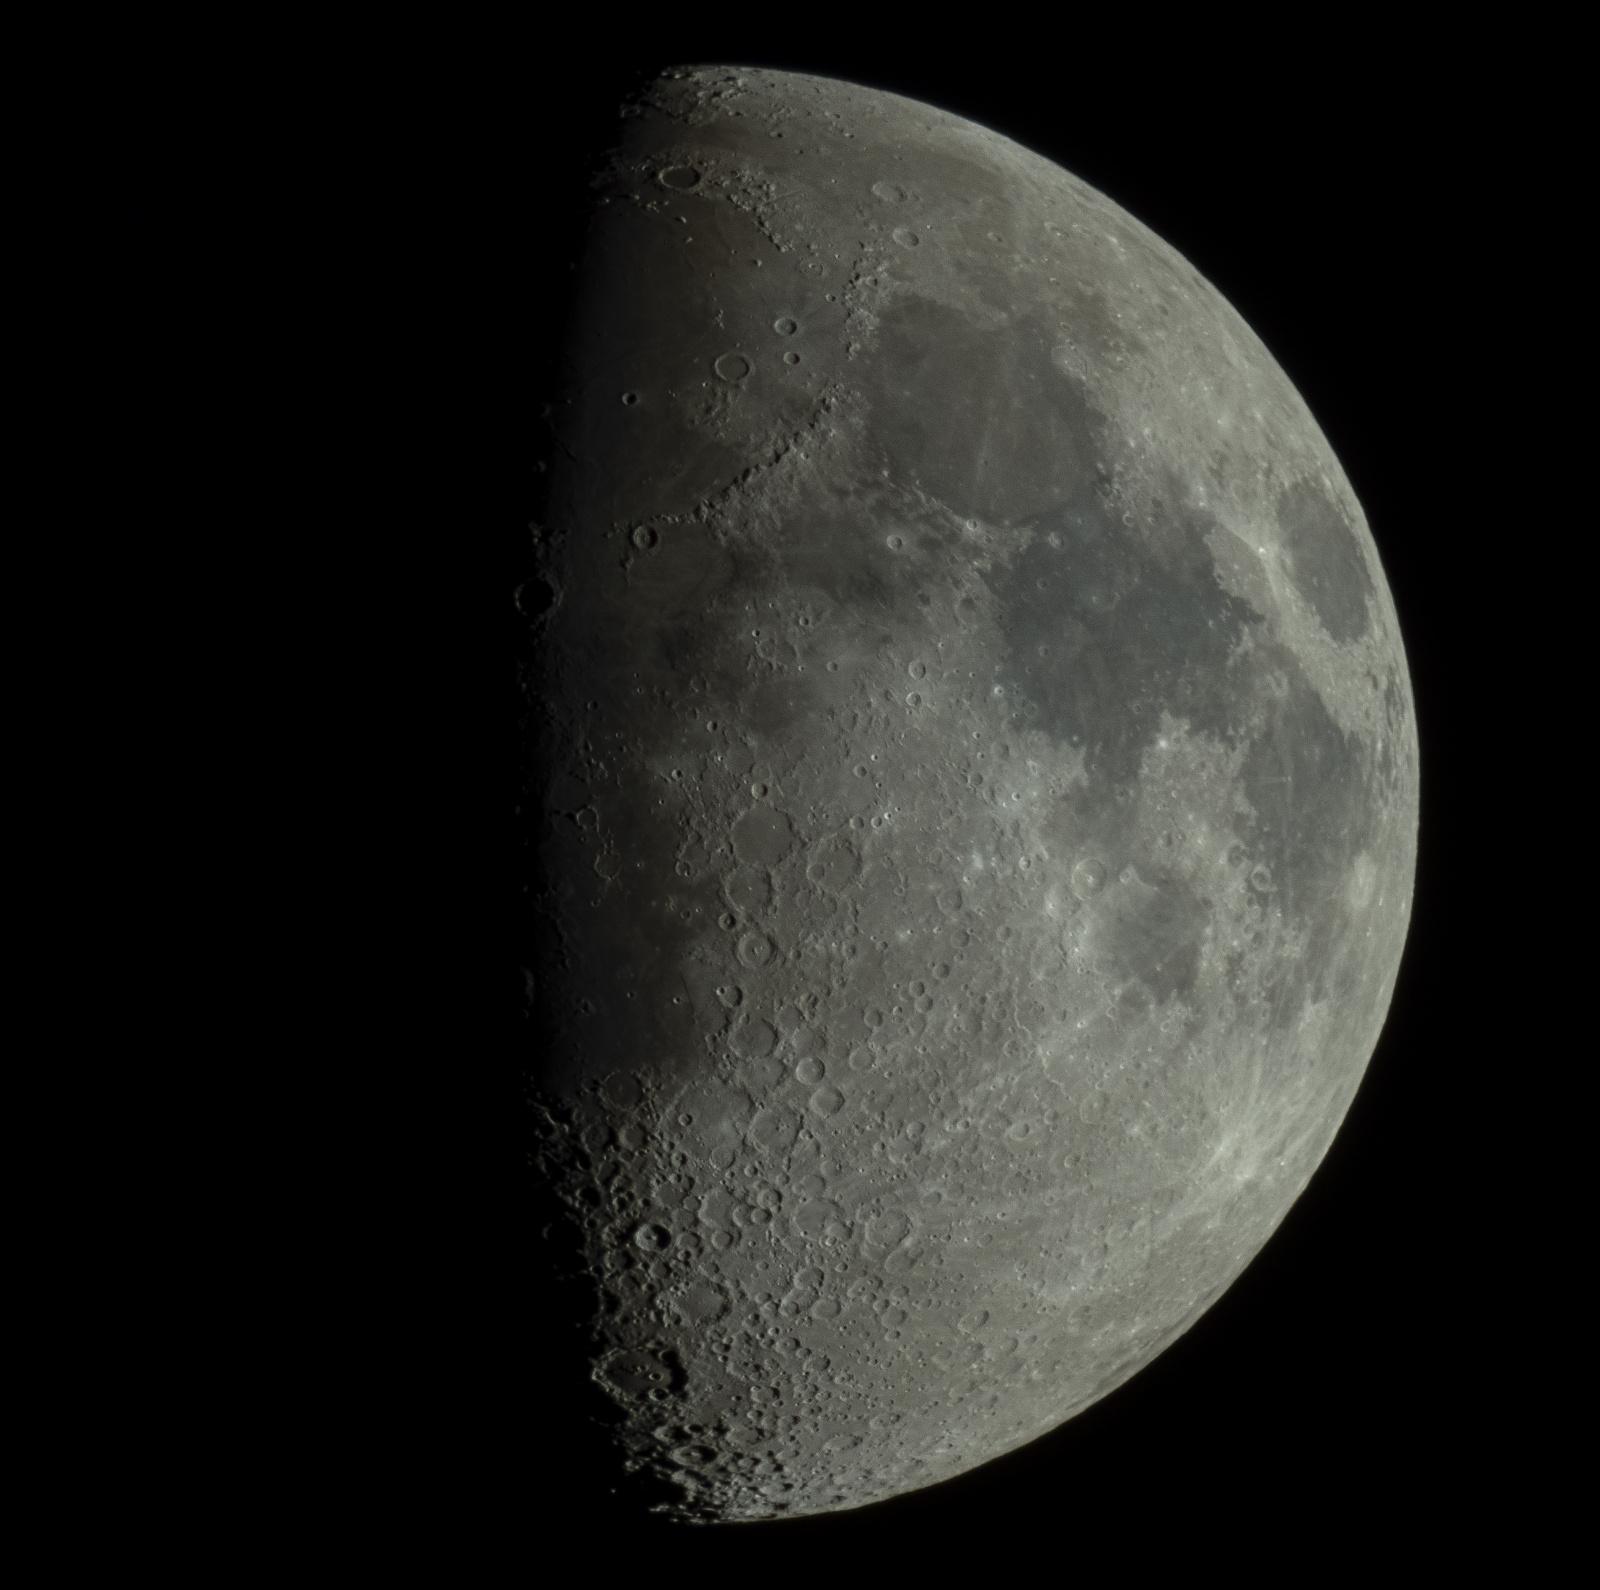 moon-2021-05-20-3.jpg